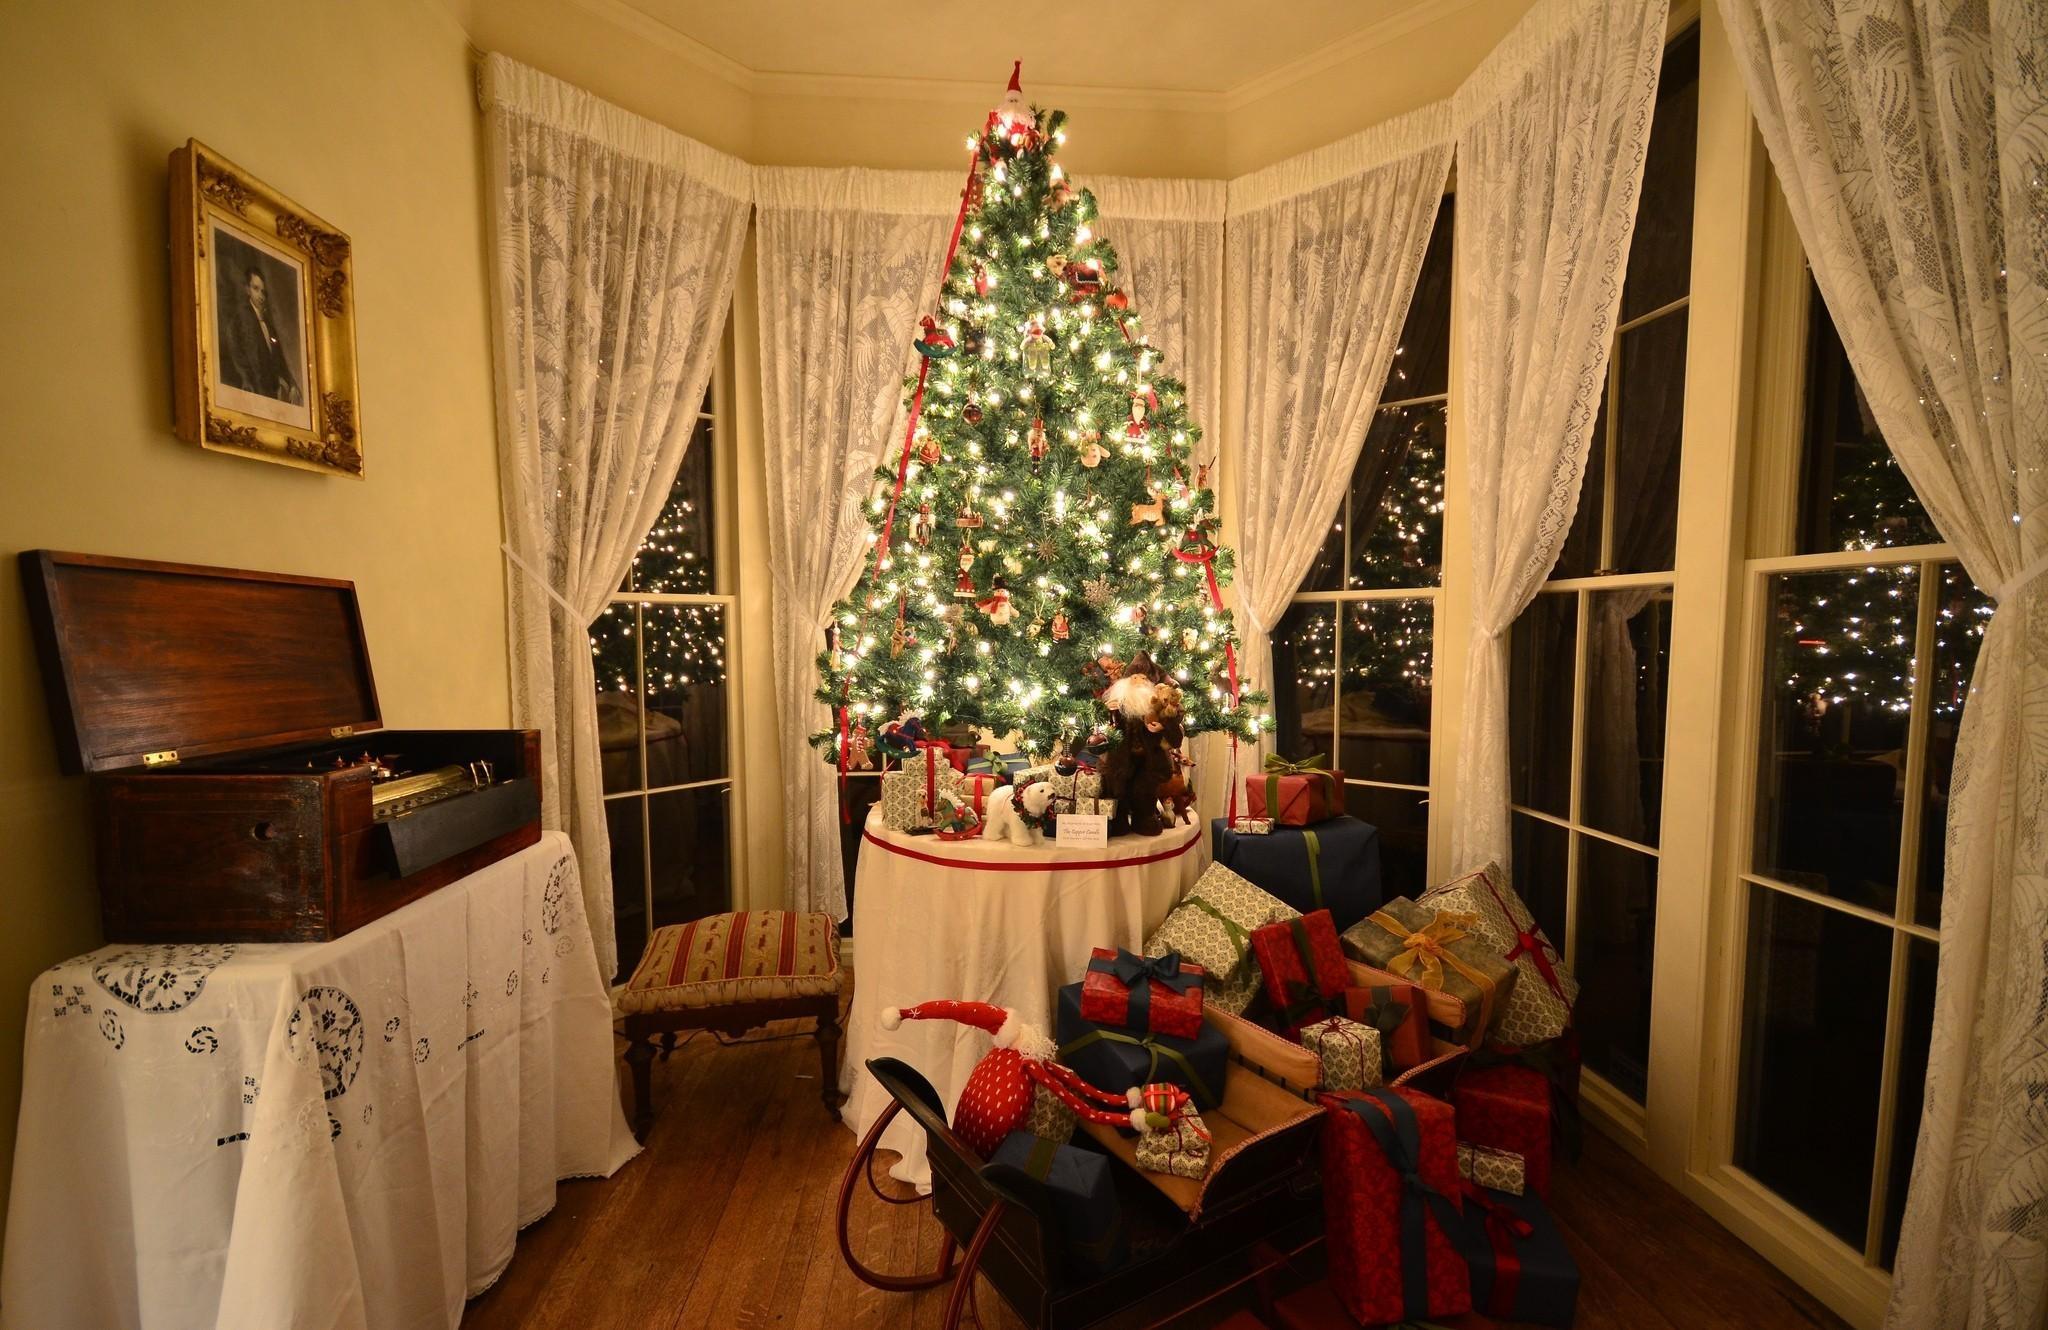 147045 descargar fondo de pantalla Vacaciones, Árbol De Navidad, Presenta, Regalos, Trineo, Habitación, Cuarto: protectores de pantalla e imágenes gratis